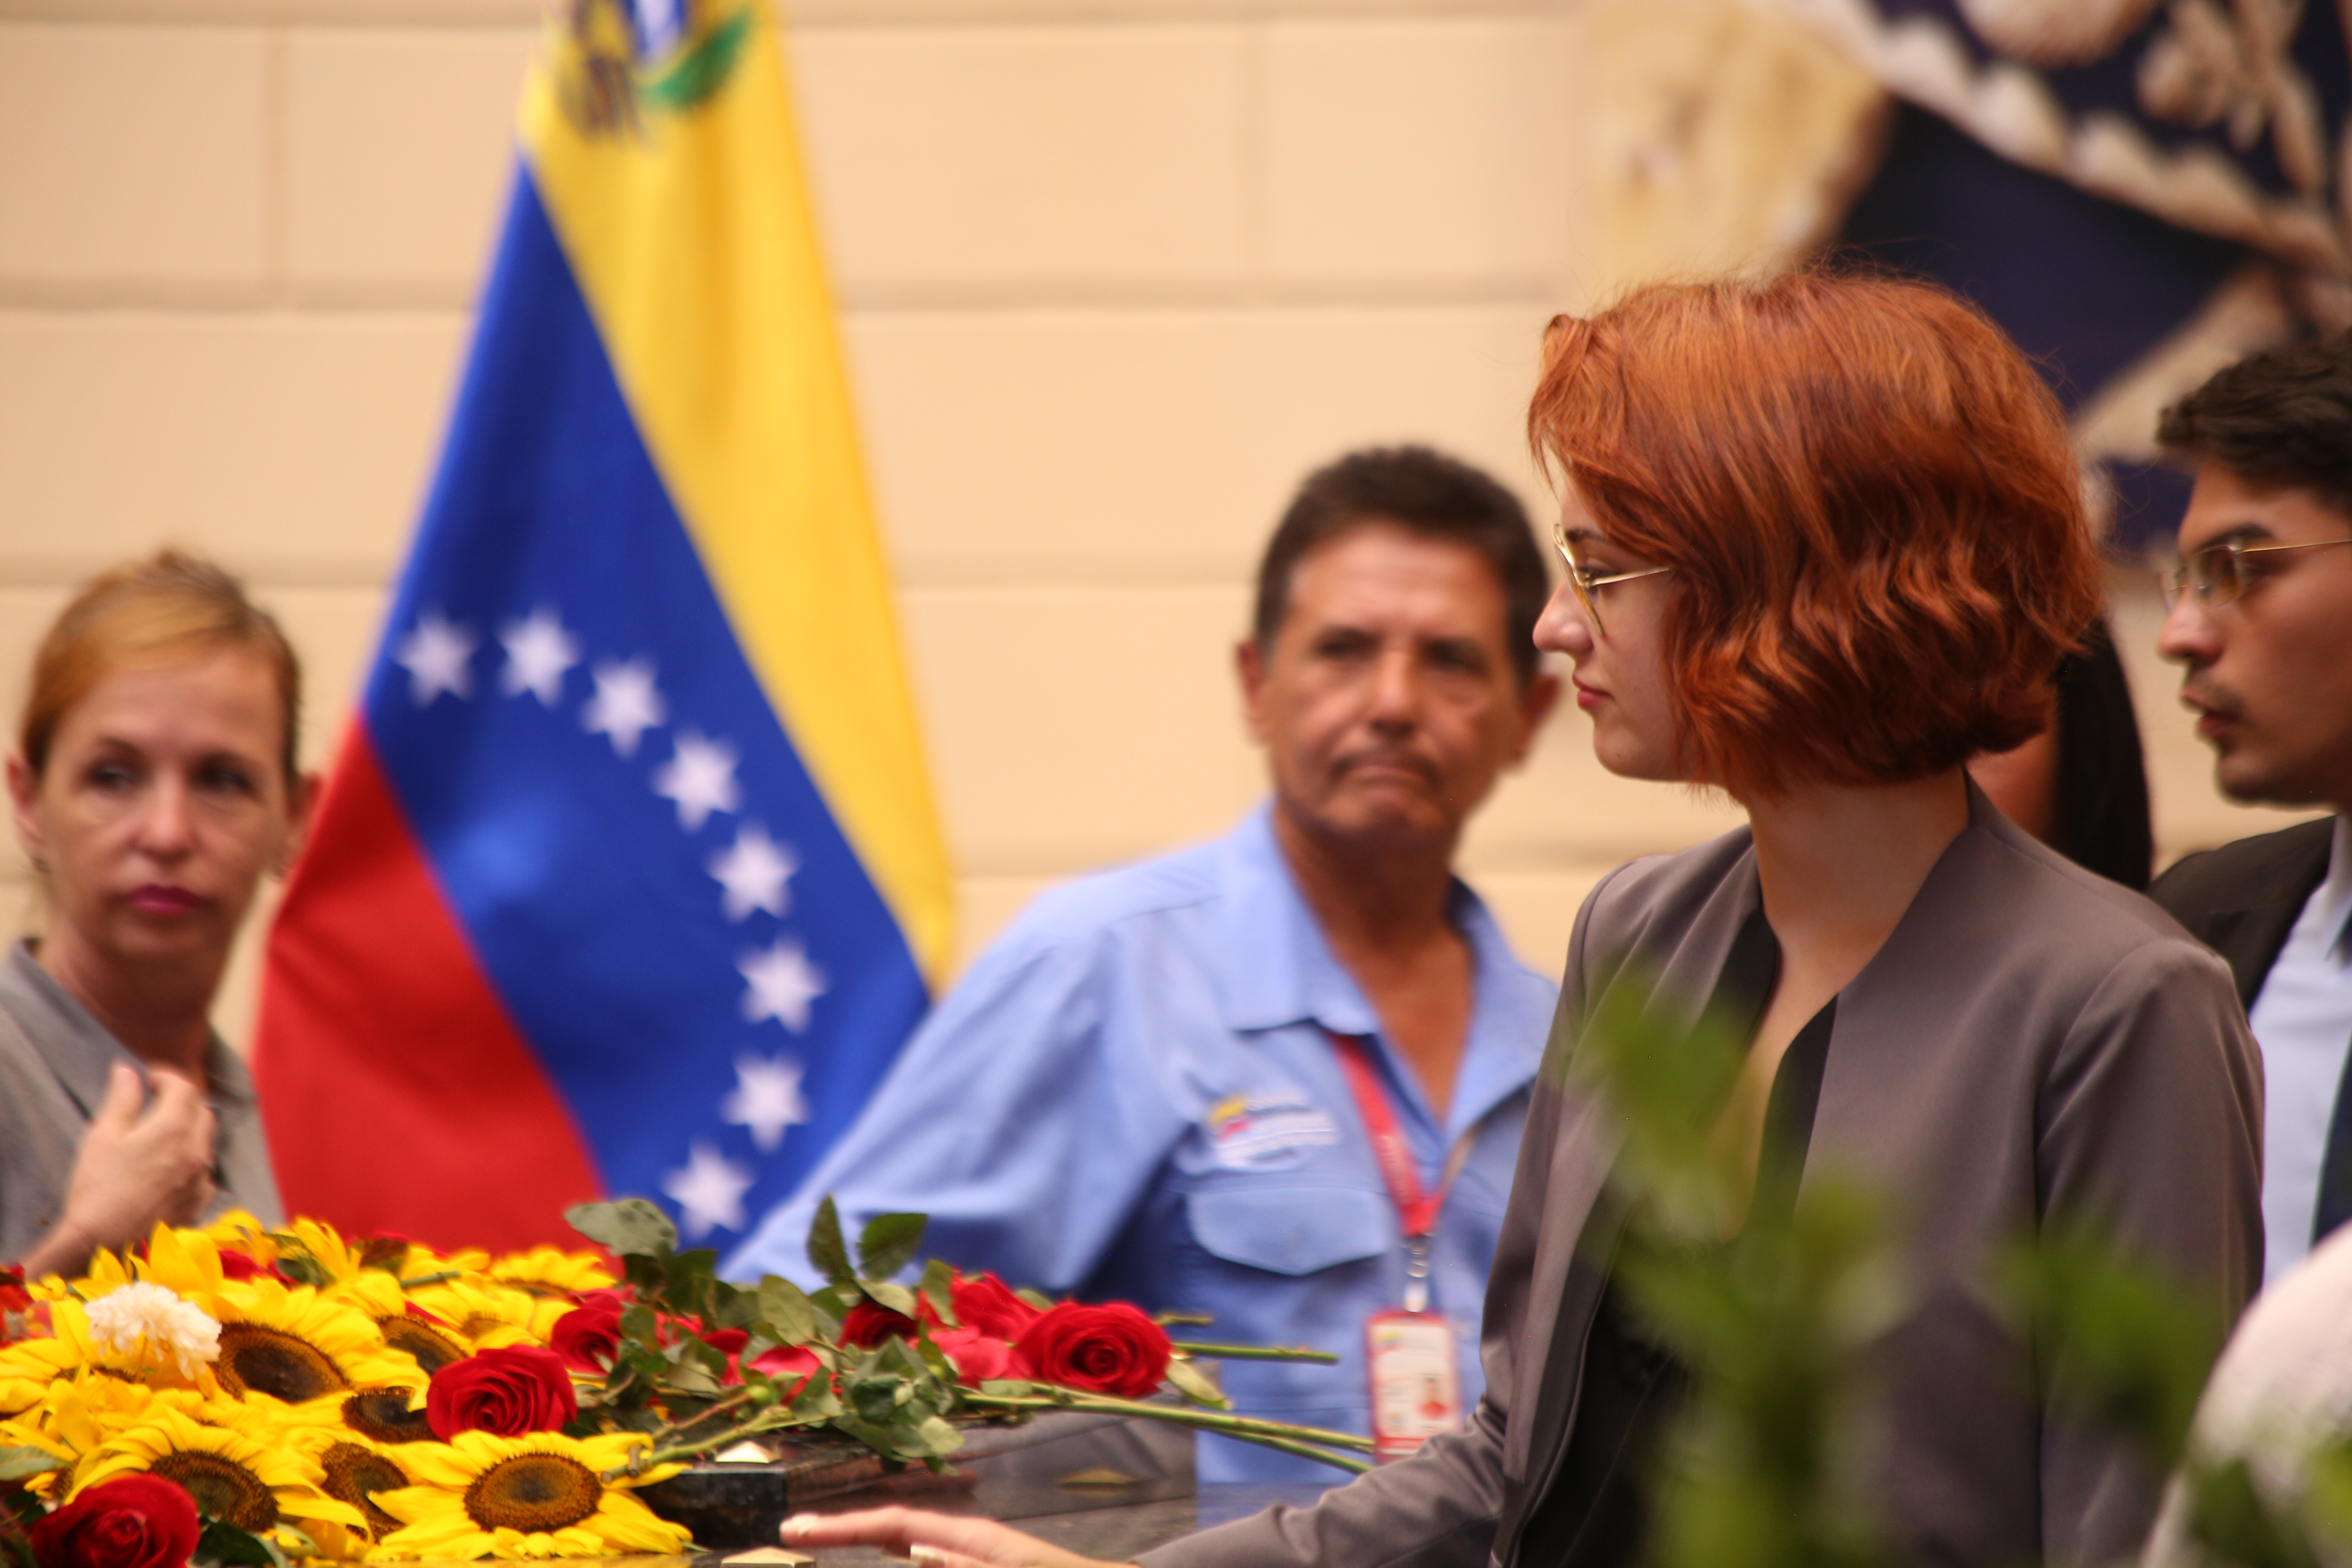 Trabajadores de la Cancillería rínden honores al comandante Hugo Chávez en el Cuartel de la Montaña